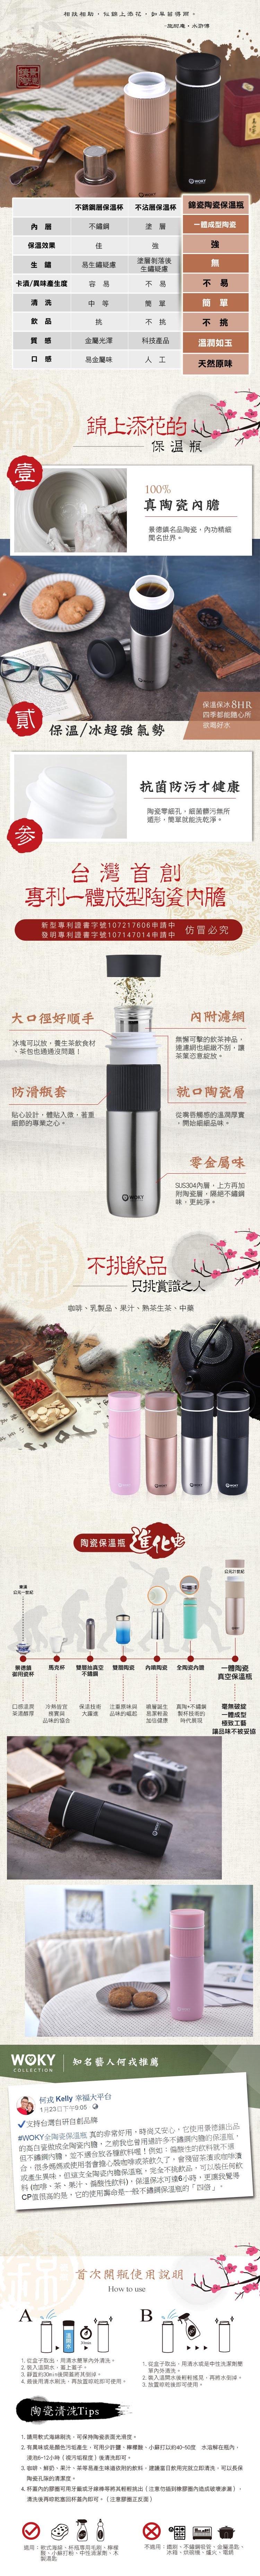 WOKY沃廚 錦瓷輕量陶瓷保溫瓶